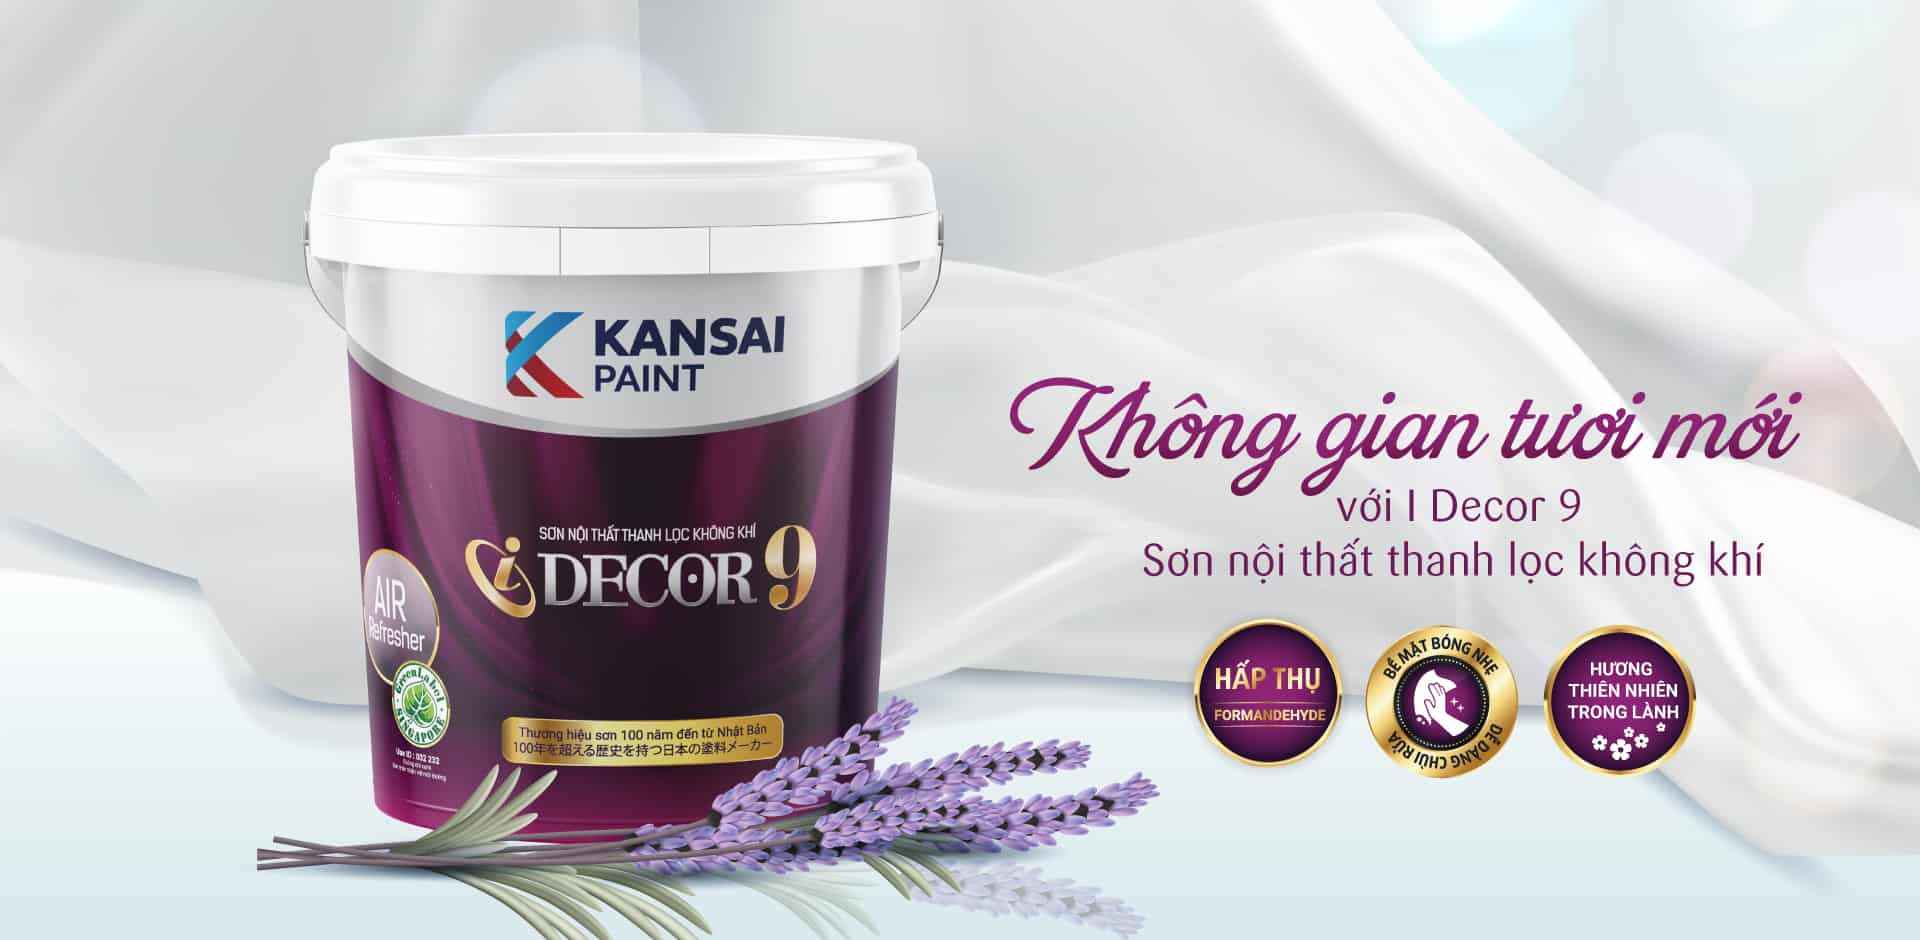 Kansai Paint cung cấp những sản phẩm nào?